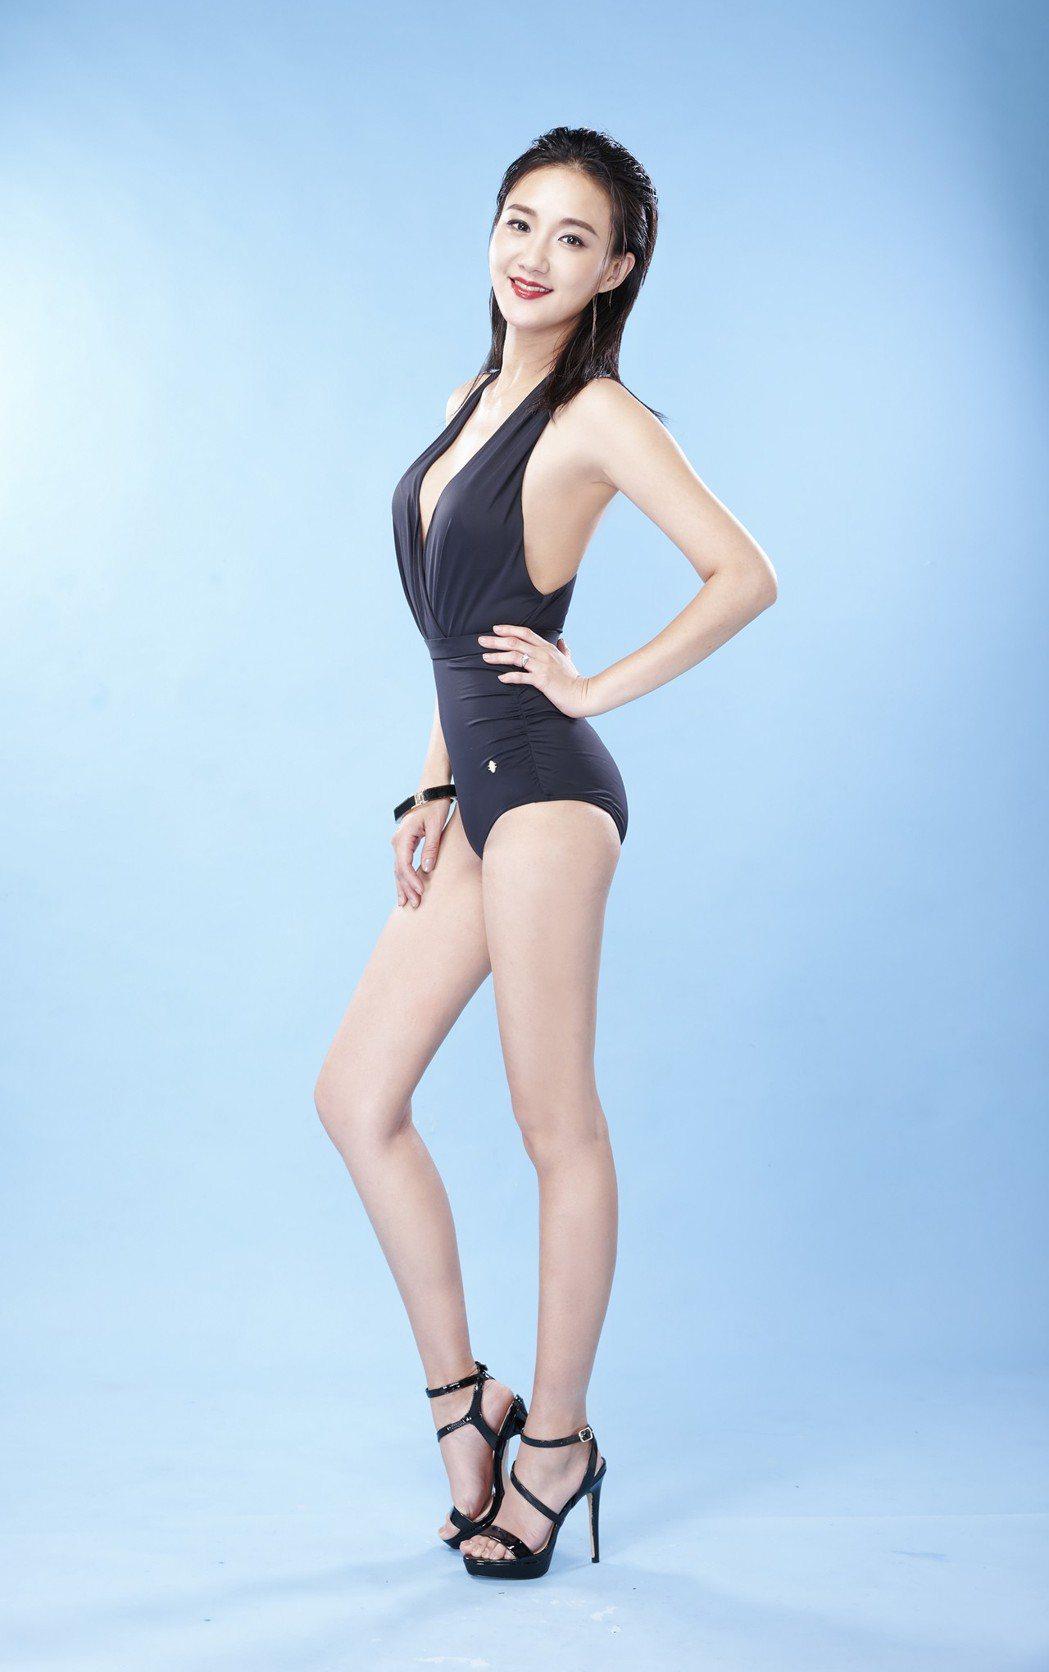 何妤玟穿上連身泳裝展現火辣身材。圖/Laler菈楽提供